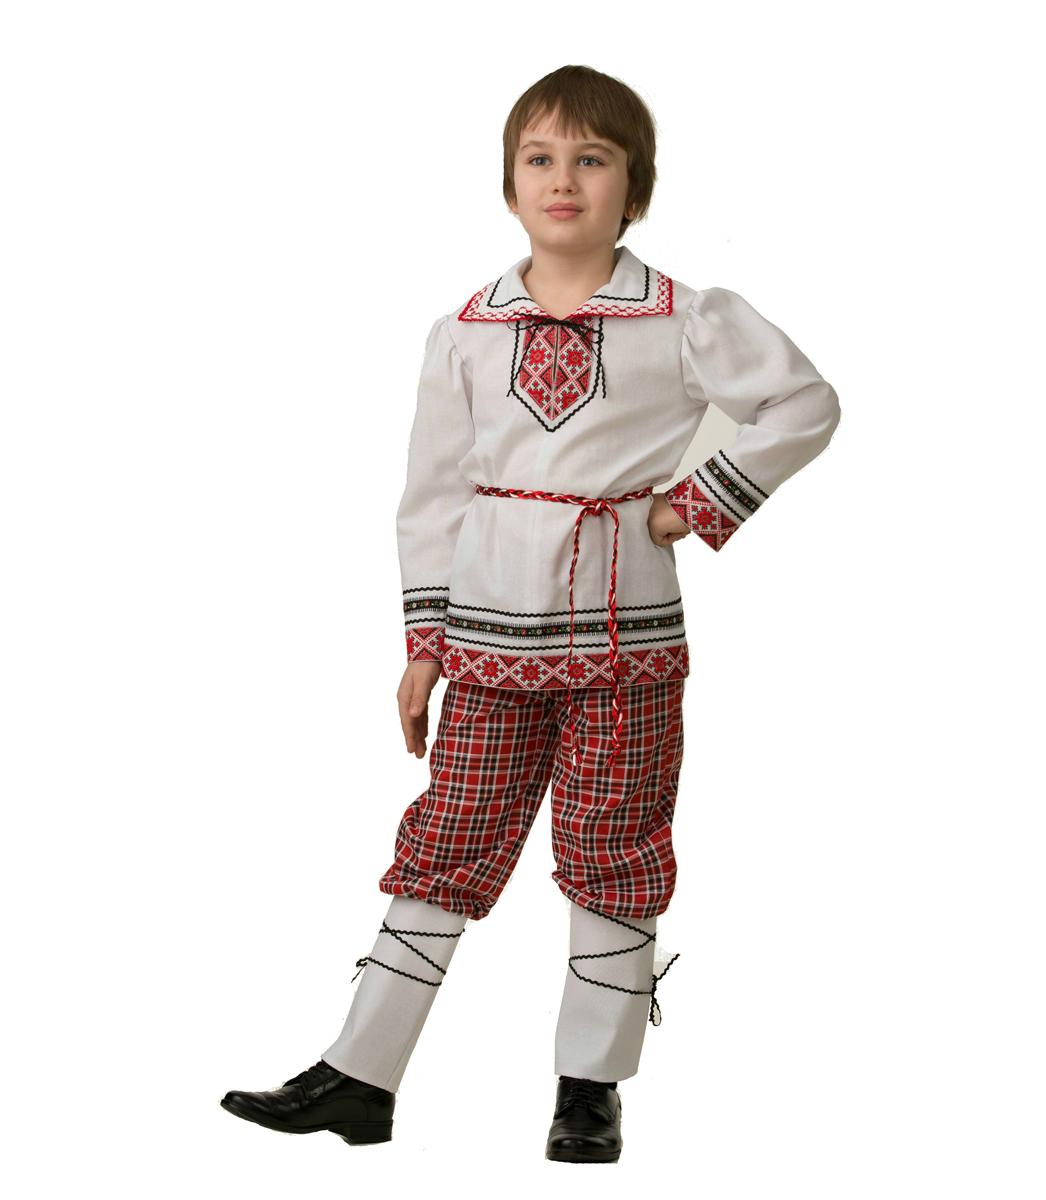 Батик Костюм карнавальный для мальчика Национальный костюм размер 38 украинский национальный костюм для девочки киев